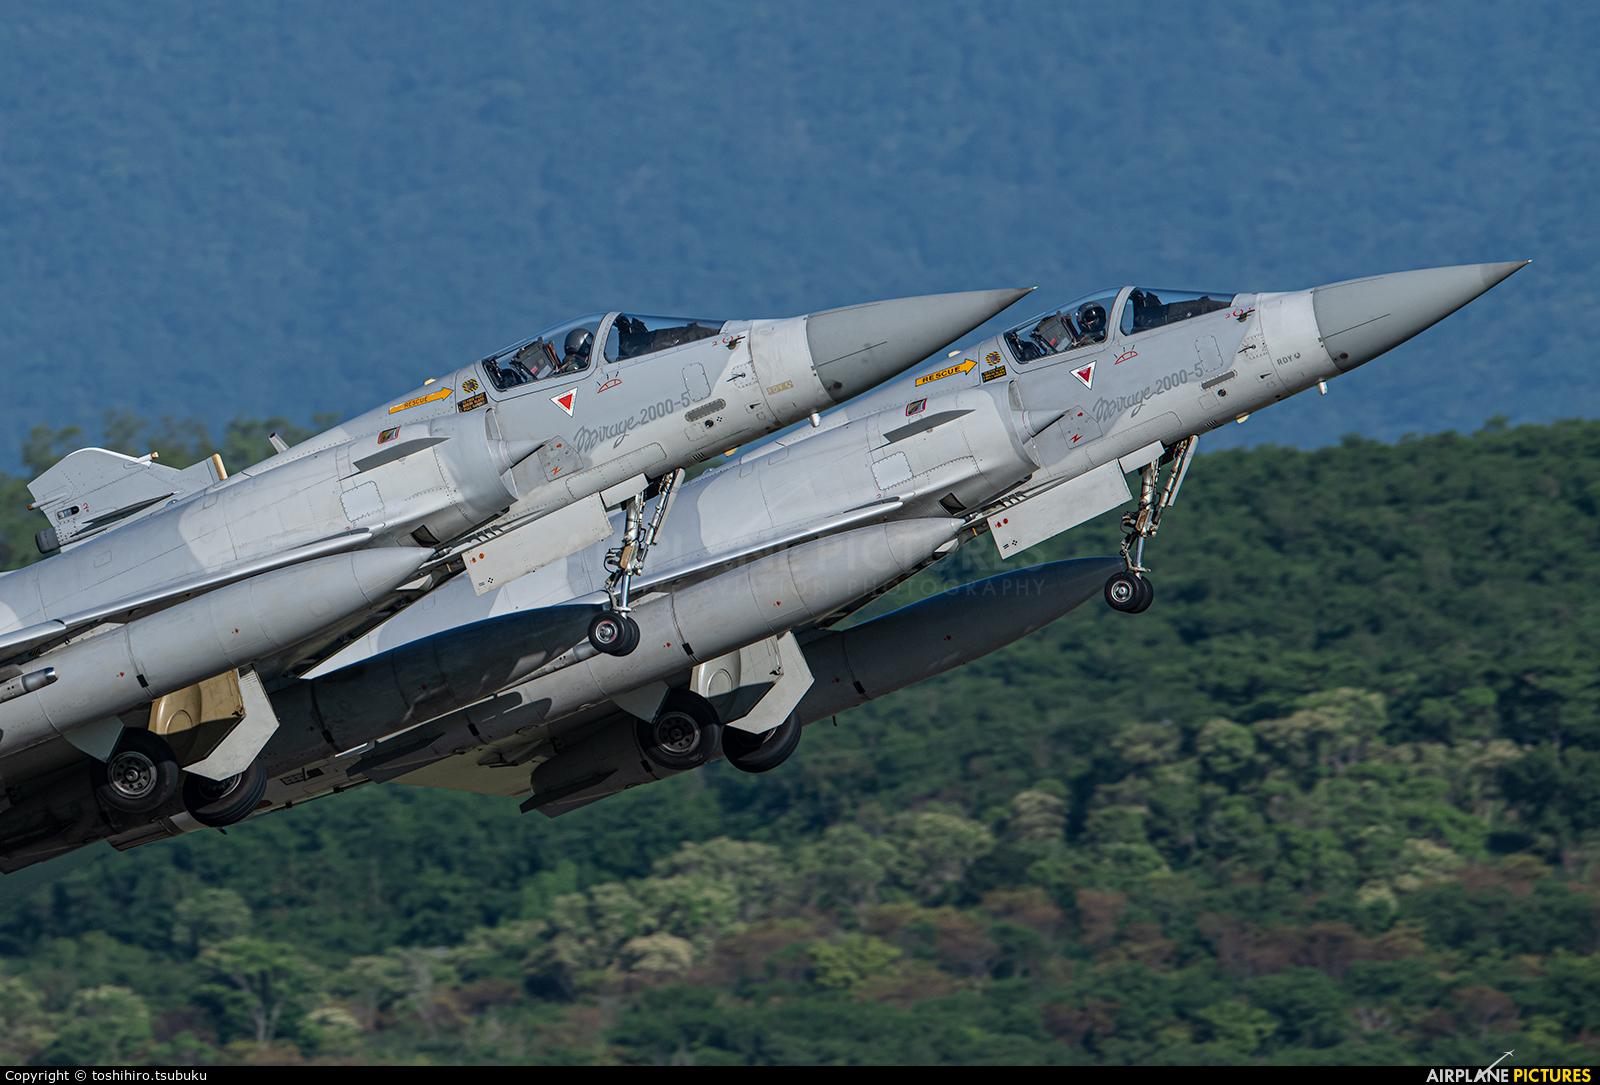 Taiwan - Air Force 2044 aircraft at Chihhang/Zhihang AB